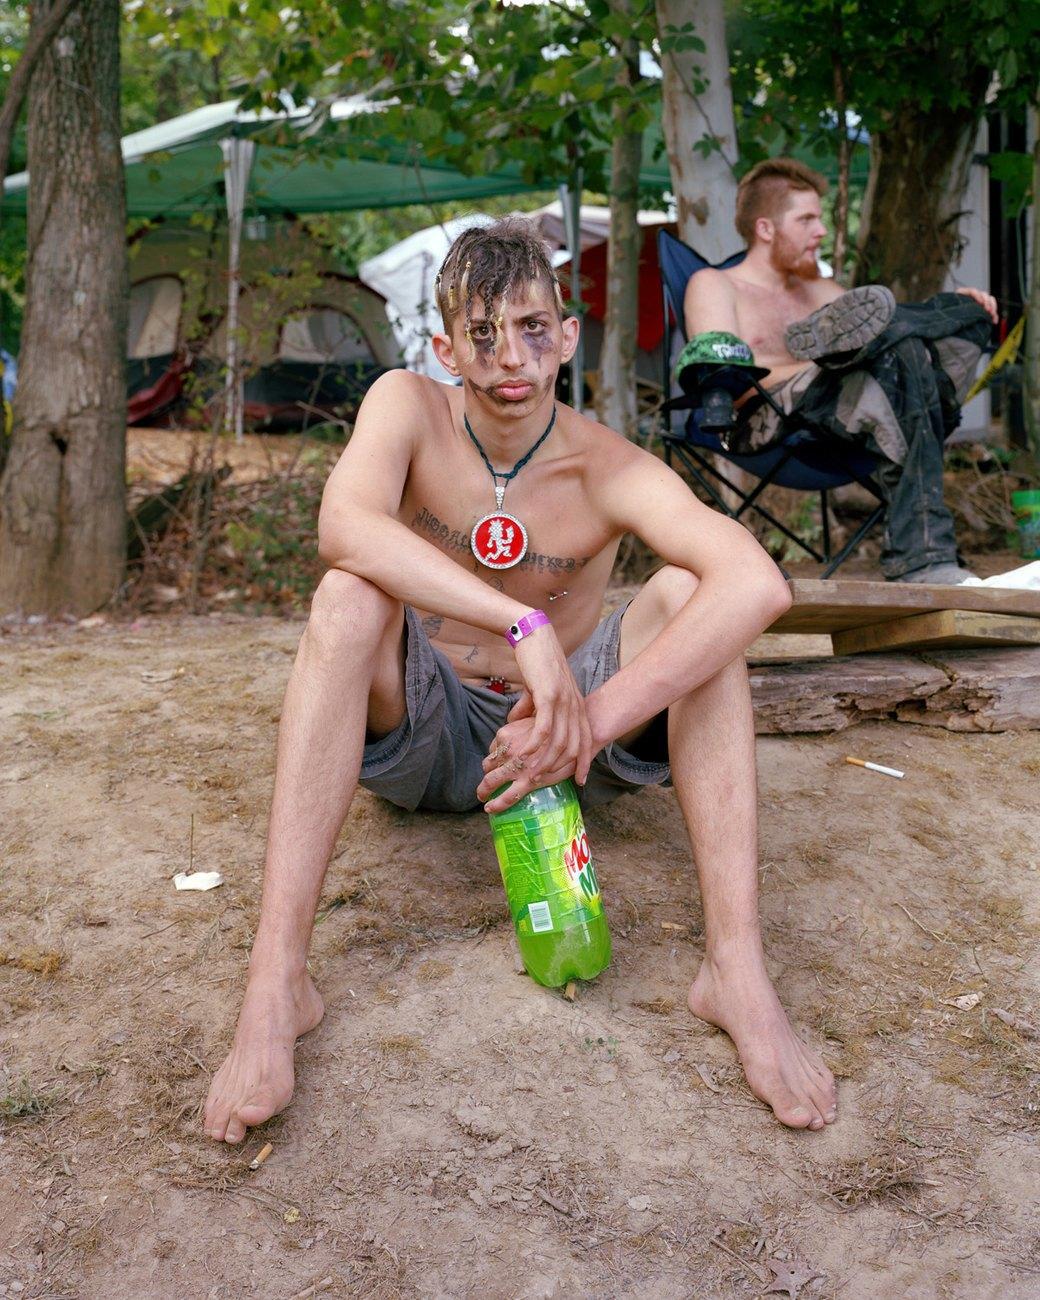 Клоуны на выезде: Фоторепортаж с ежегодного фестиваля джаггало в Иллинойсе. Изображение № 3.